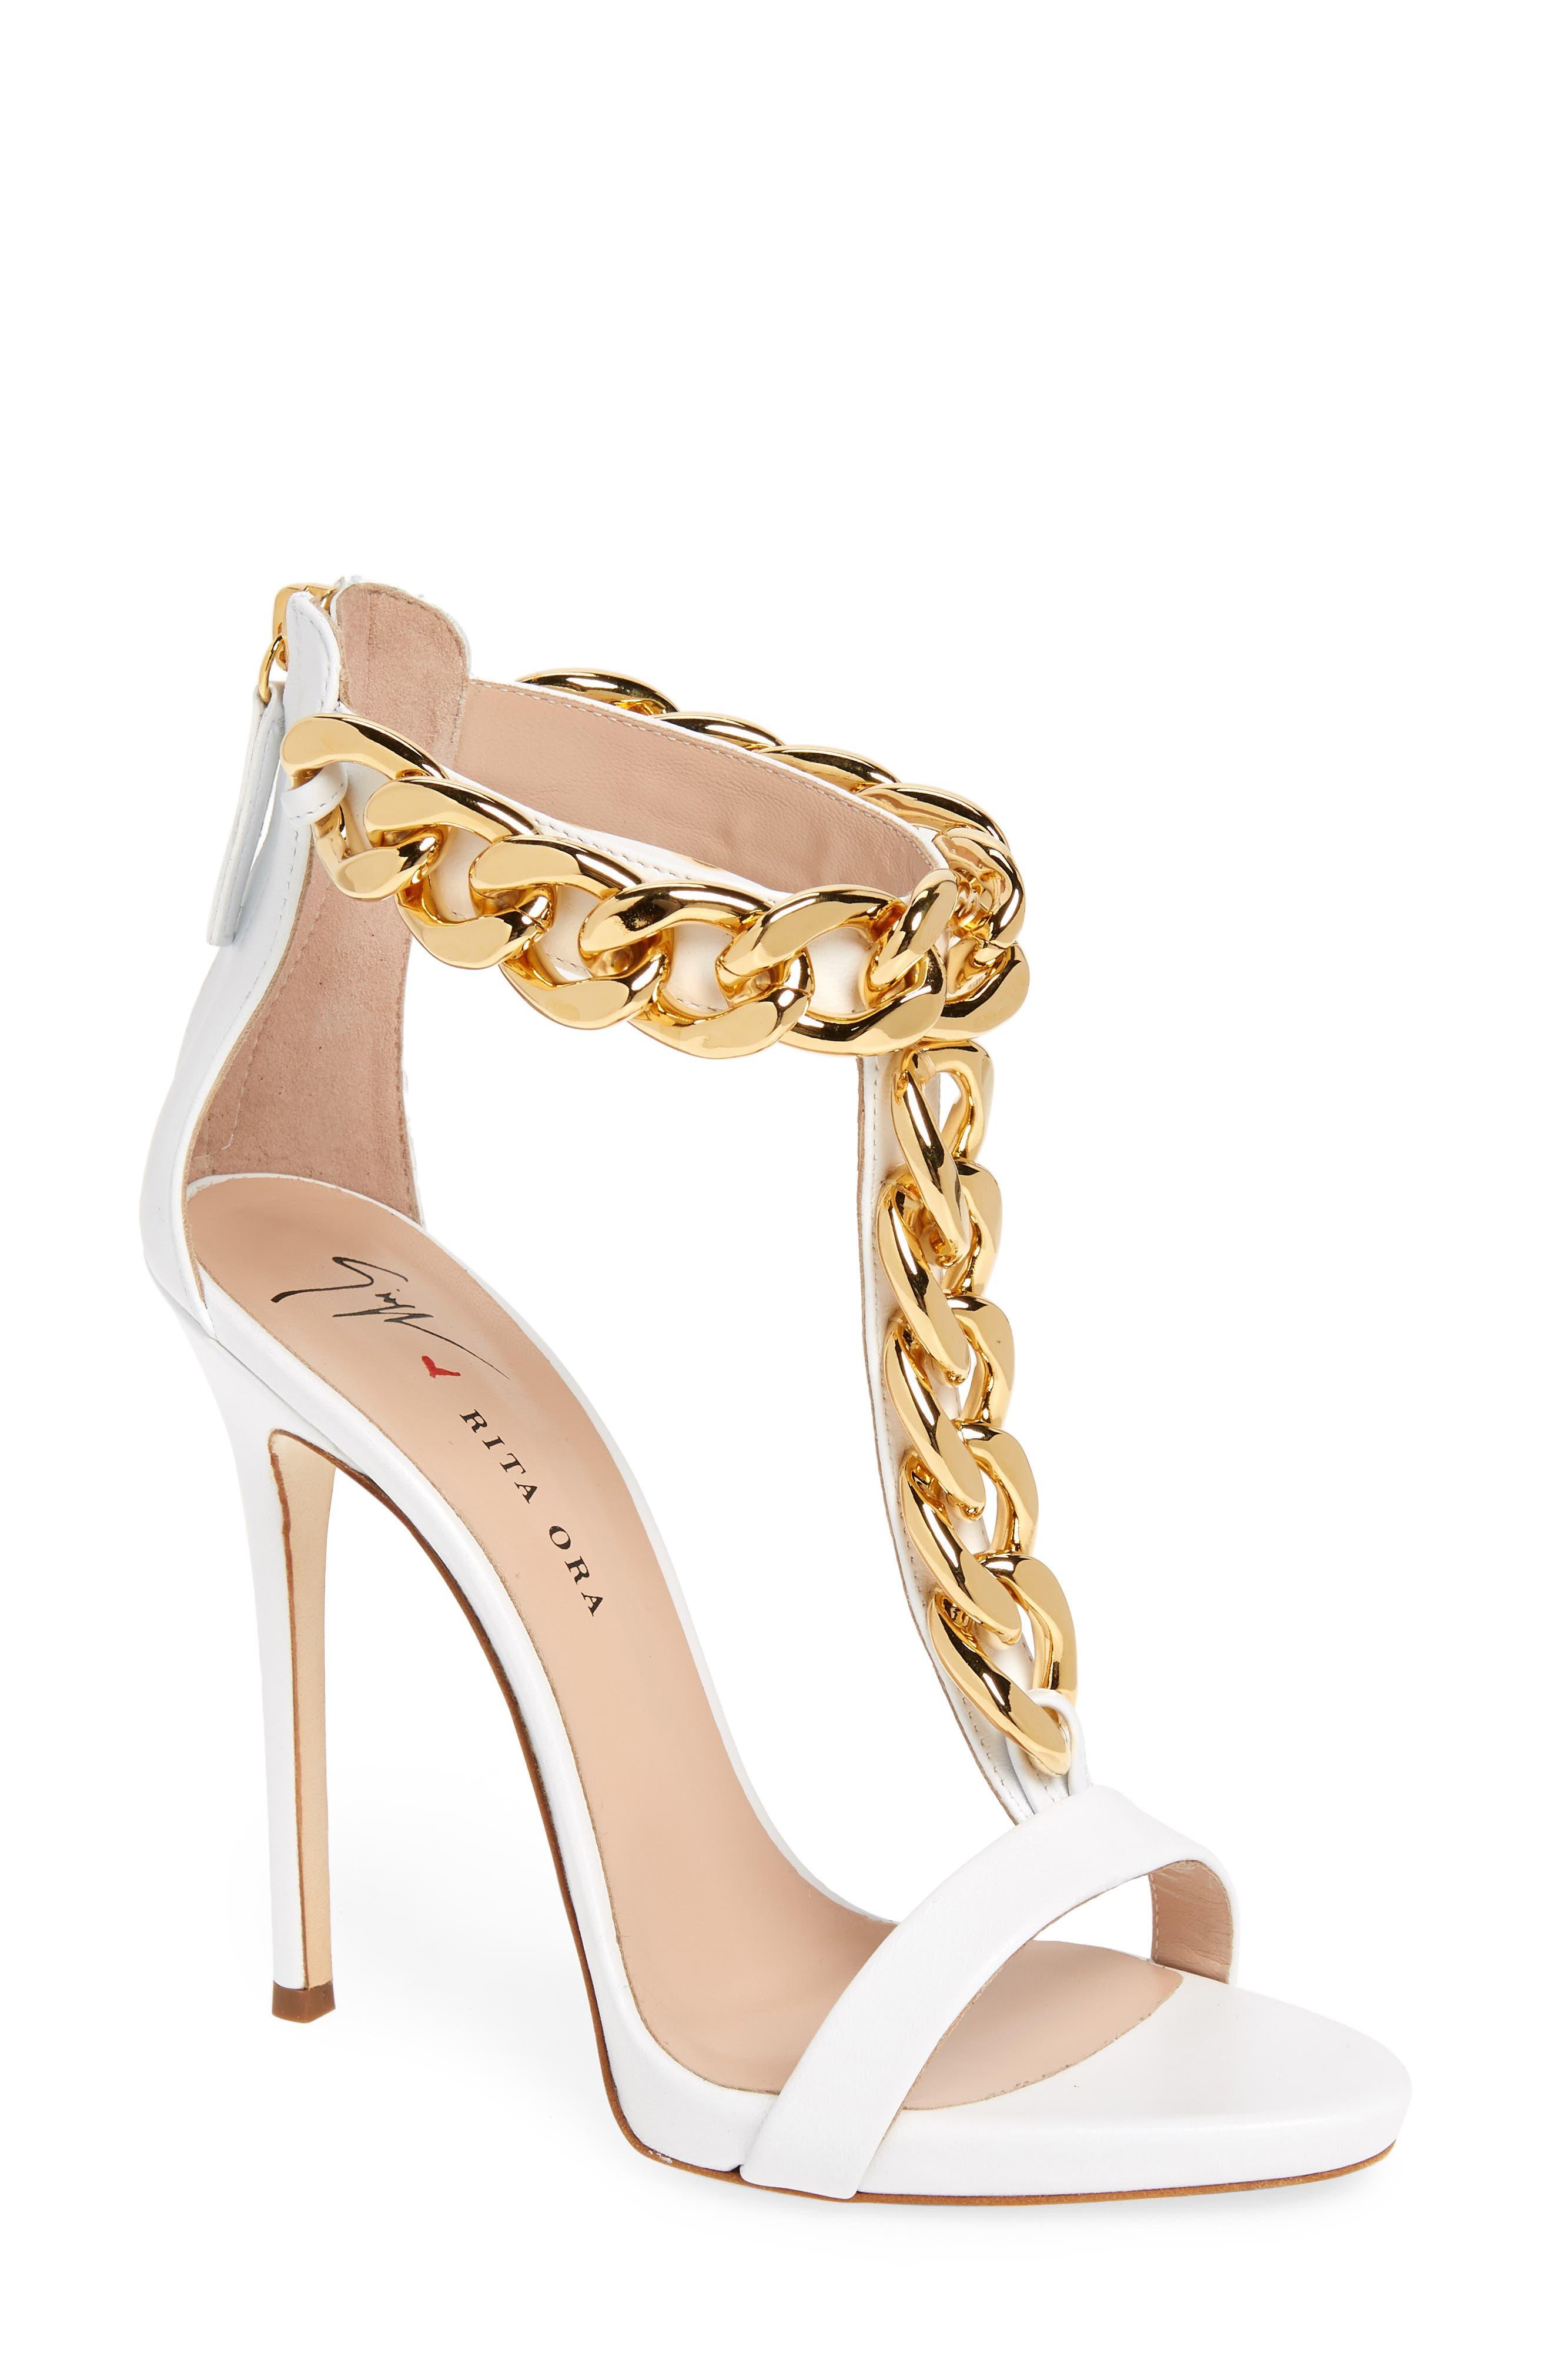 Rita Ora Curb Chain T-Strap Sandal,                             Main thumbnail 1, color,                             WHITE